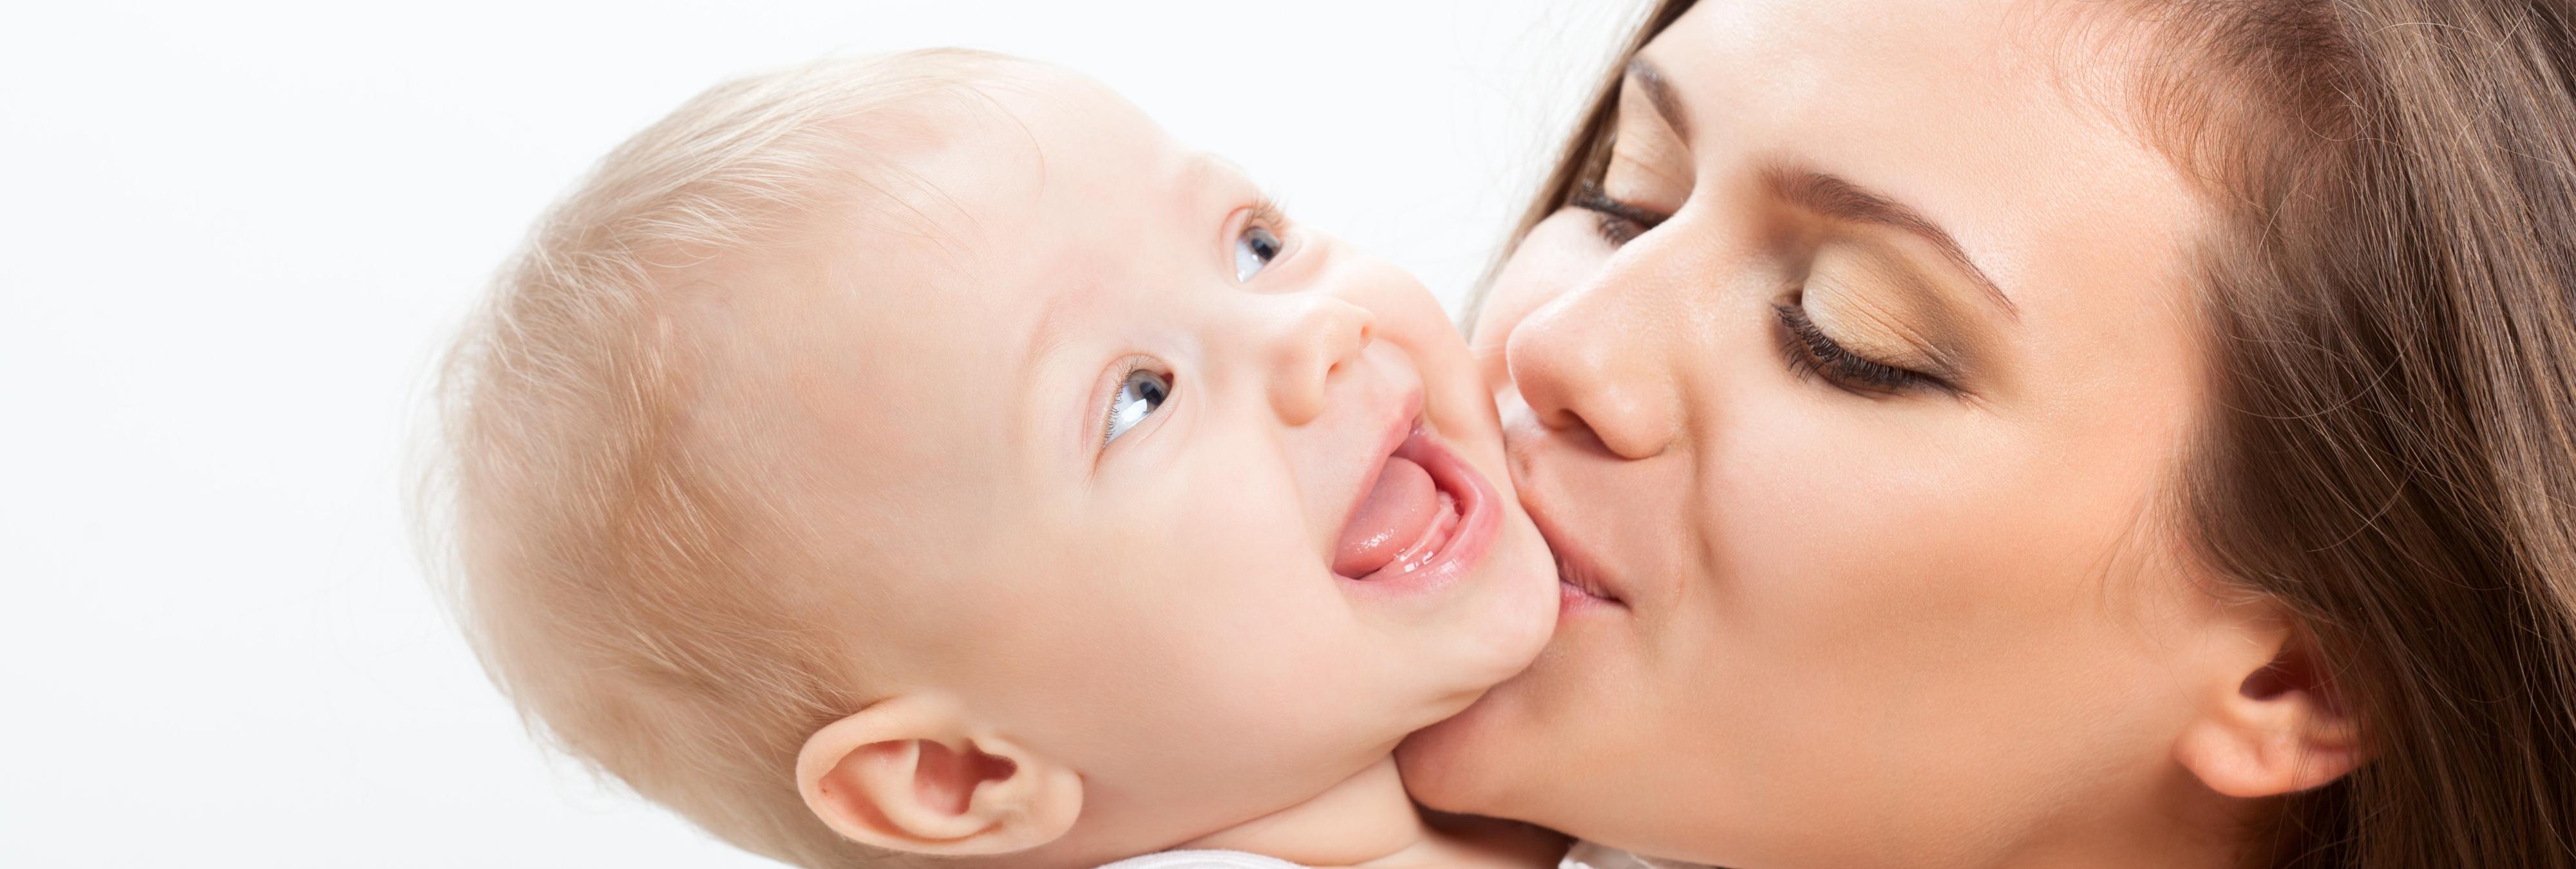 6 situaciones normales que nos recuerdan míticas frases de madre